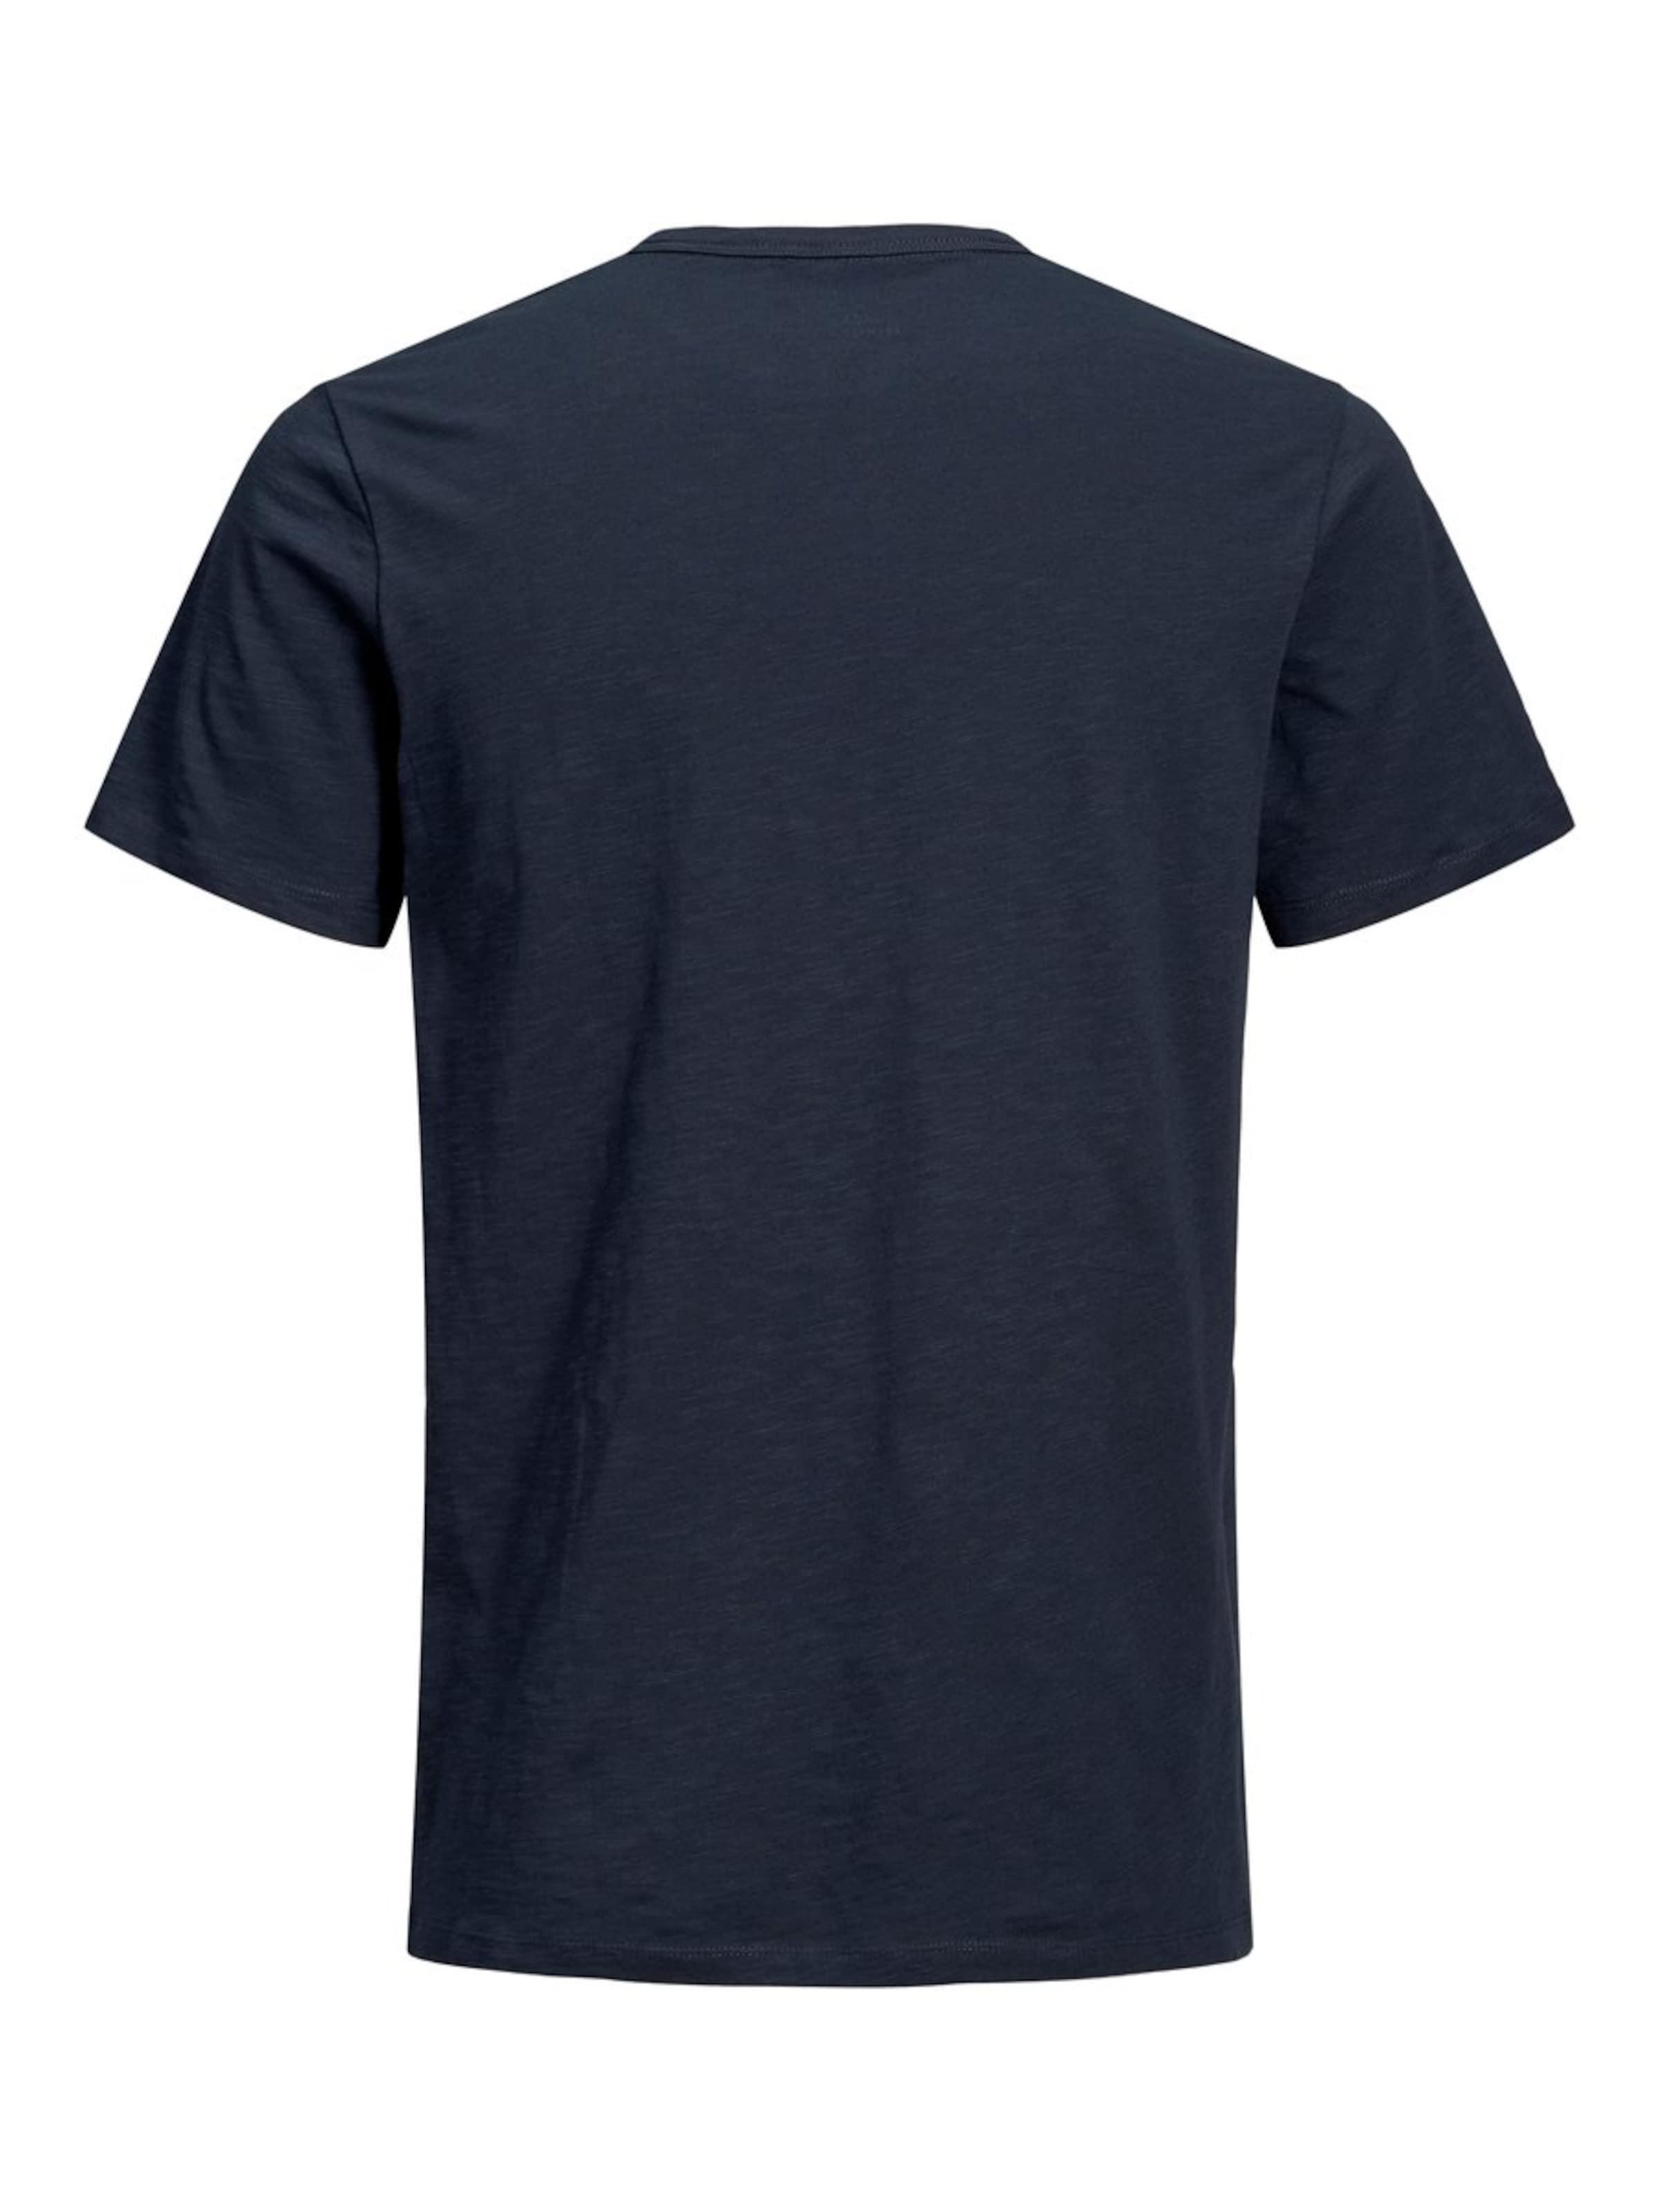 Jones T En Jackamp; Outremer Bleu shirt YWEH2DIe9